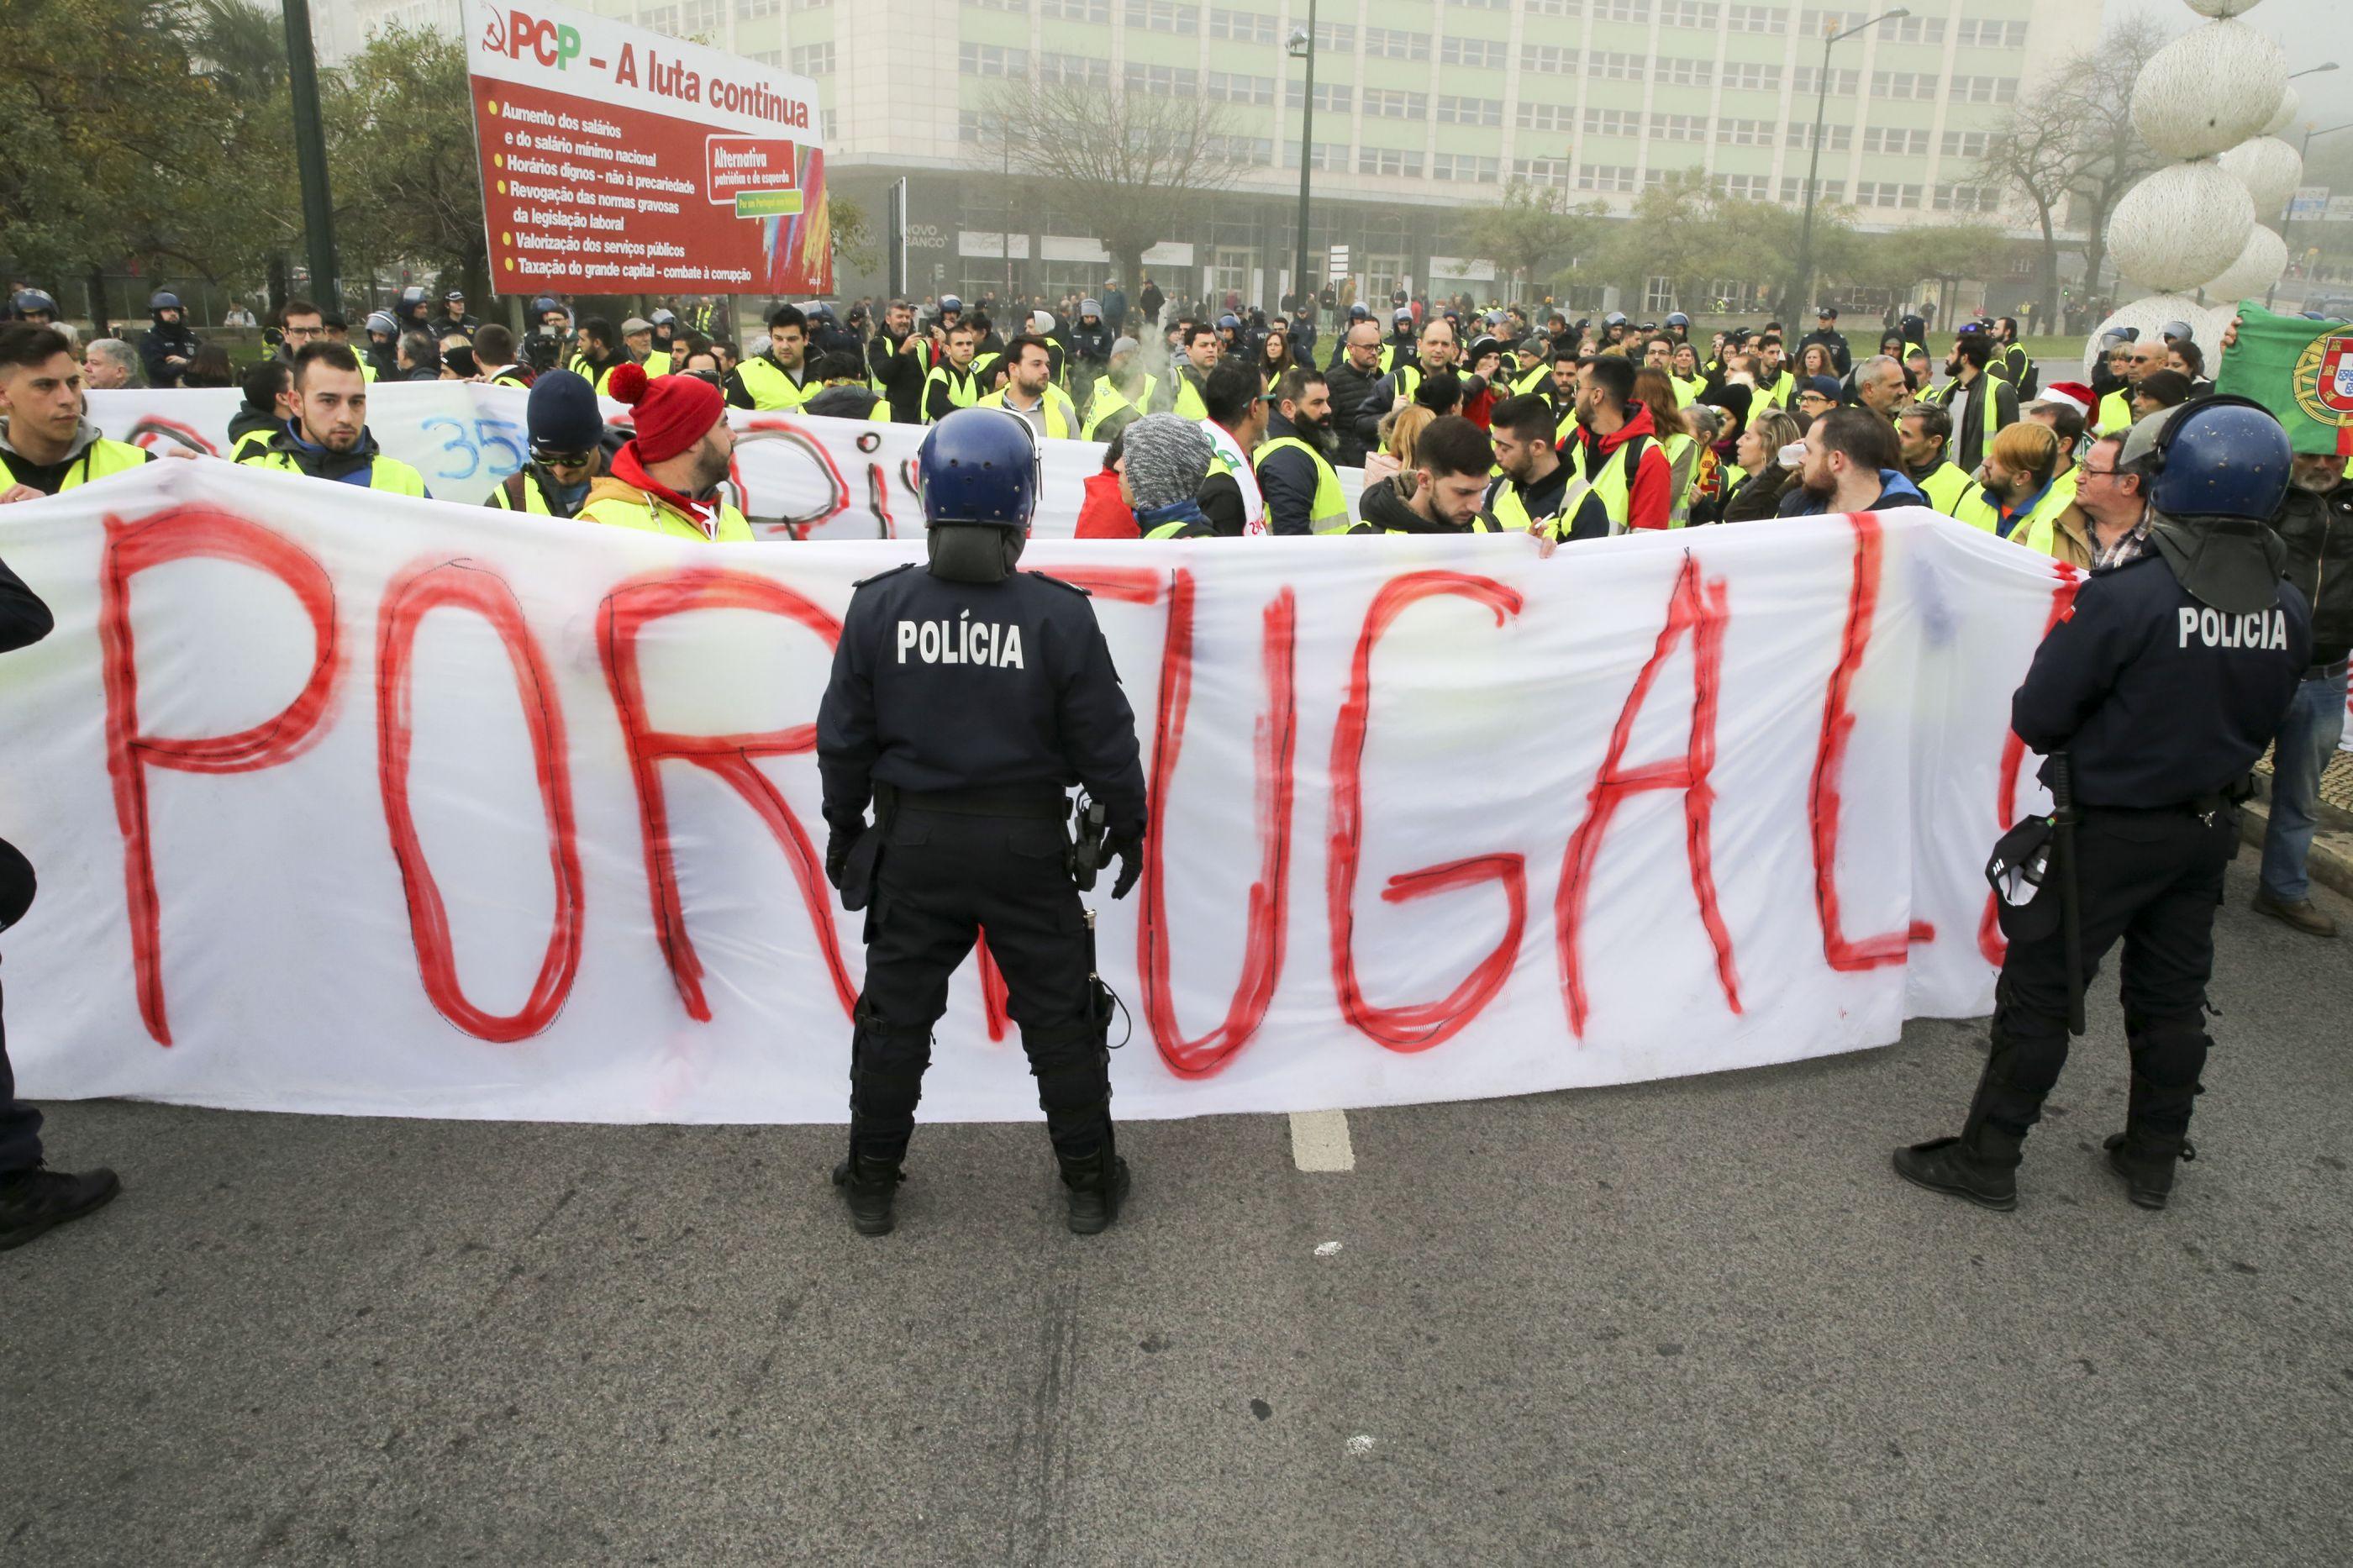 Depois de 'fracasso', Coletes Amarelos tentam organizar novos protestos